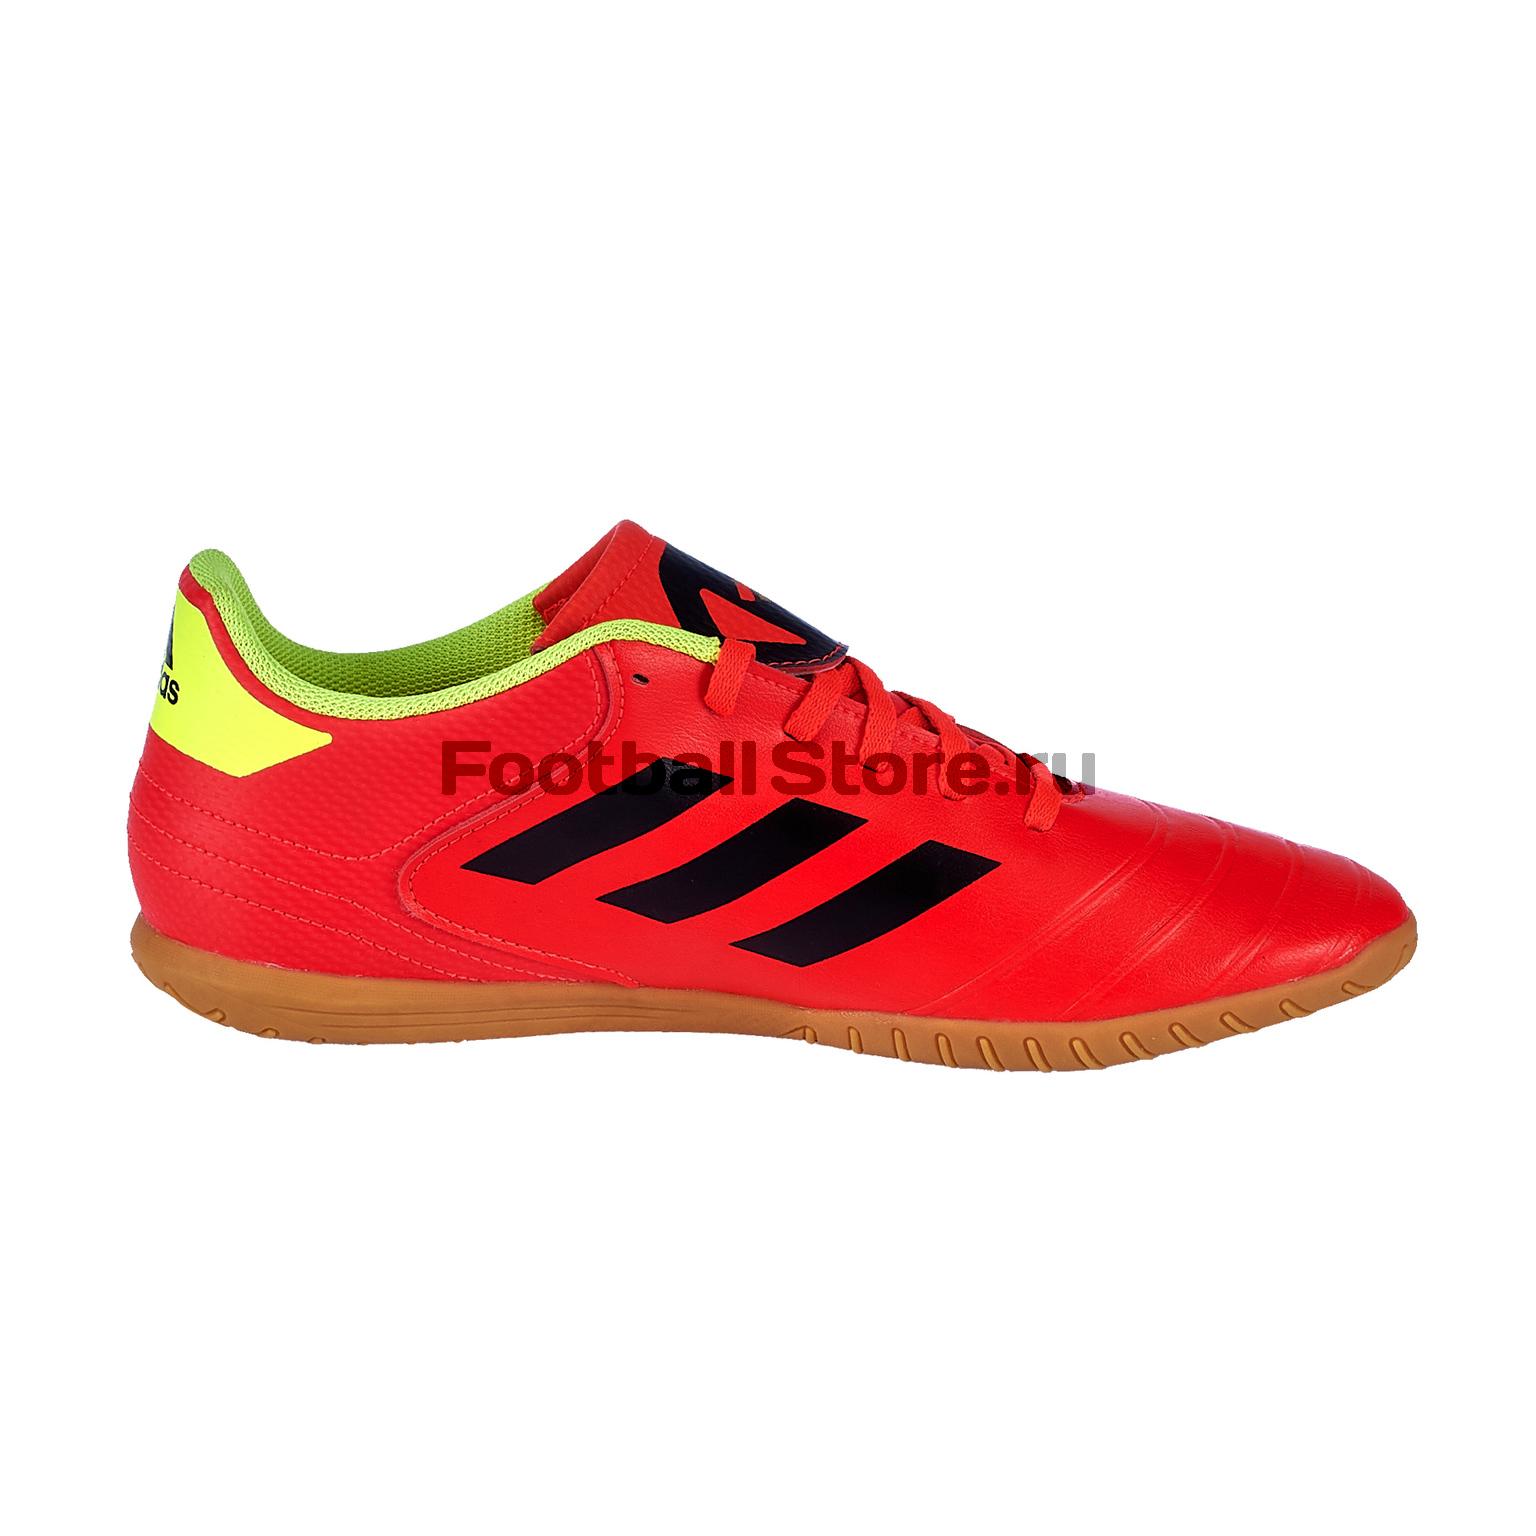 Футзалки Adidas Copa Tango 18.4 IN DB2447 – купить футзалки в ... 427062b5c97